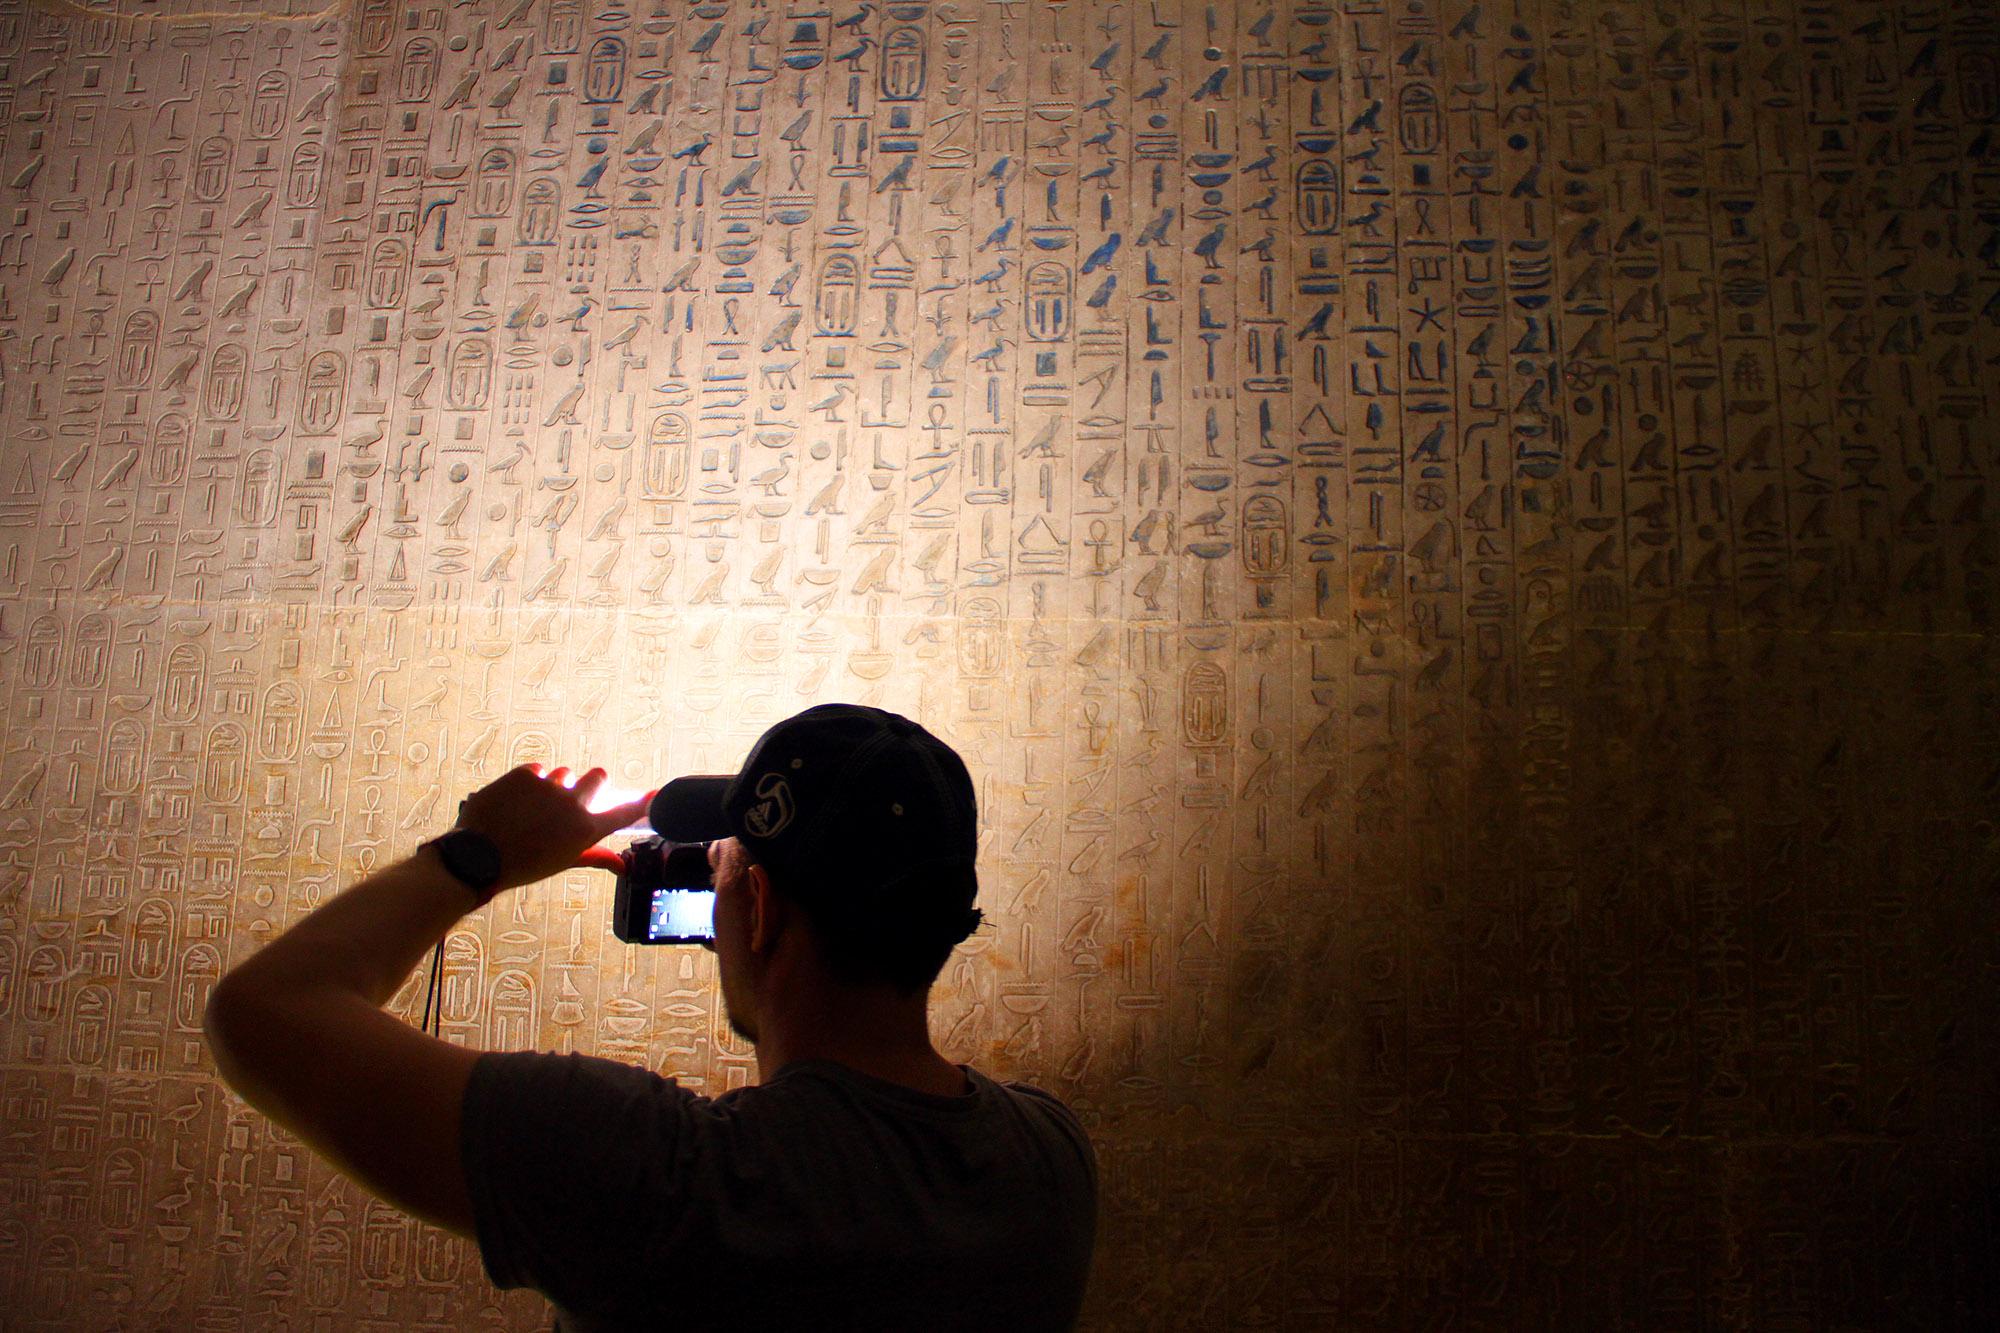 Тексты настене внутри пирамиды Унаса, съёмку ведёт Виталий Краусс (Лаборатория Научных Видео)